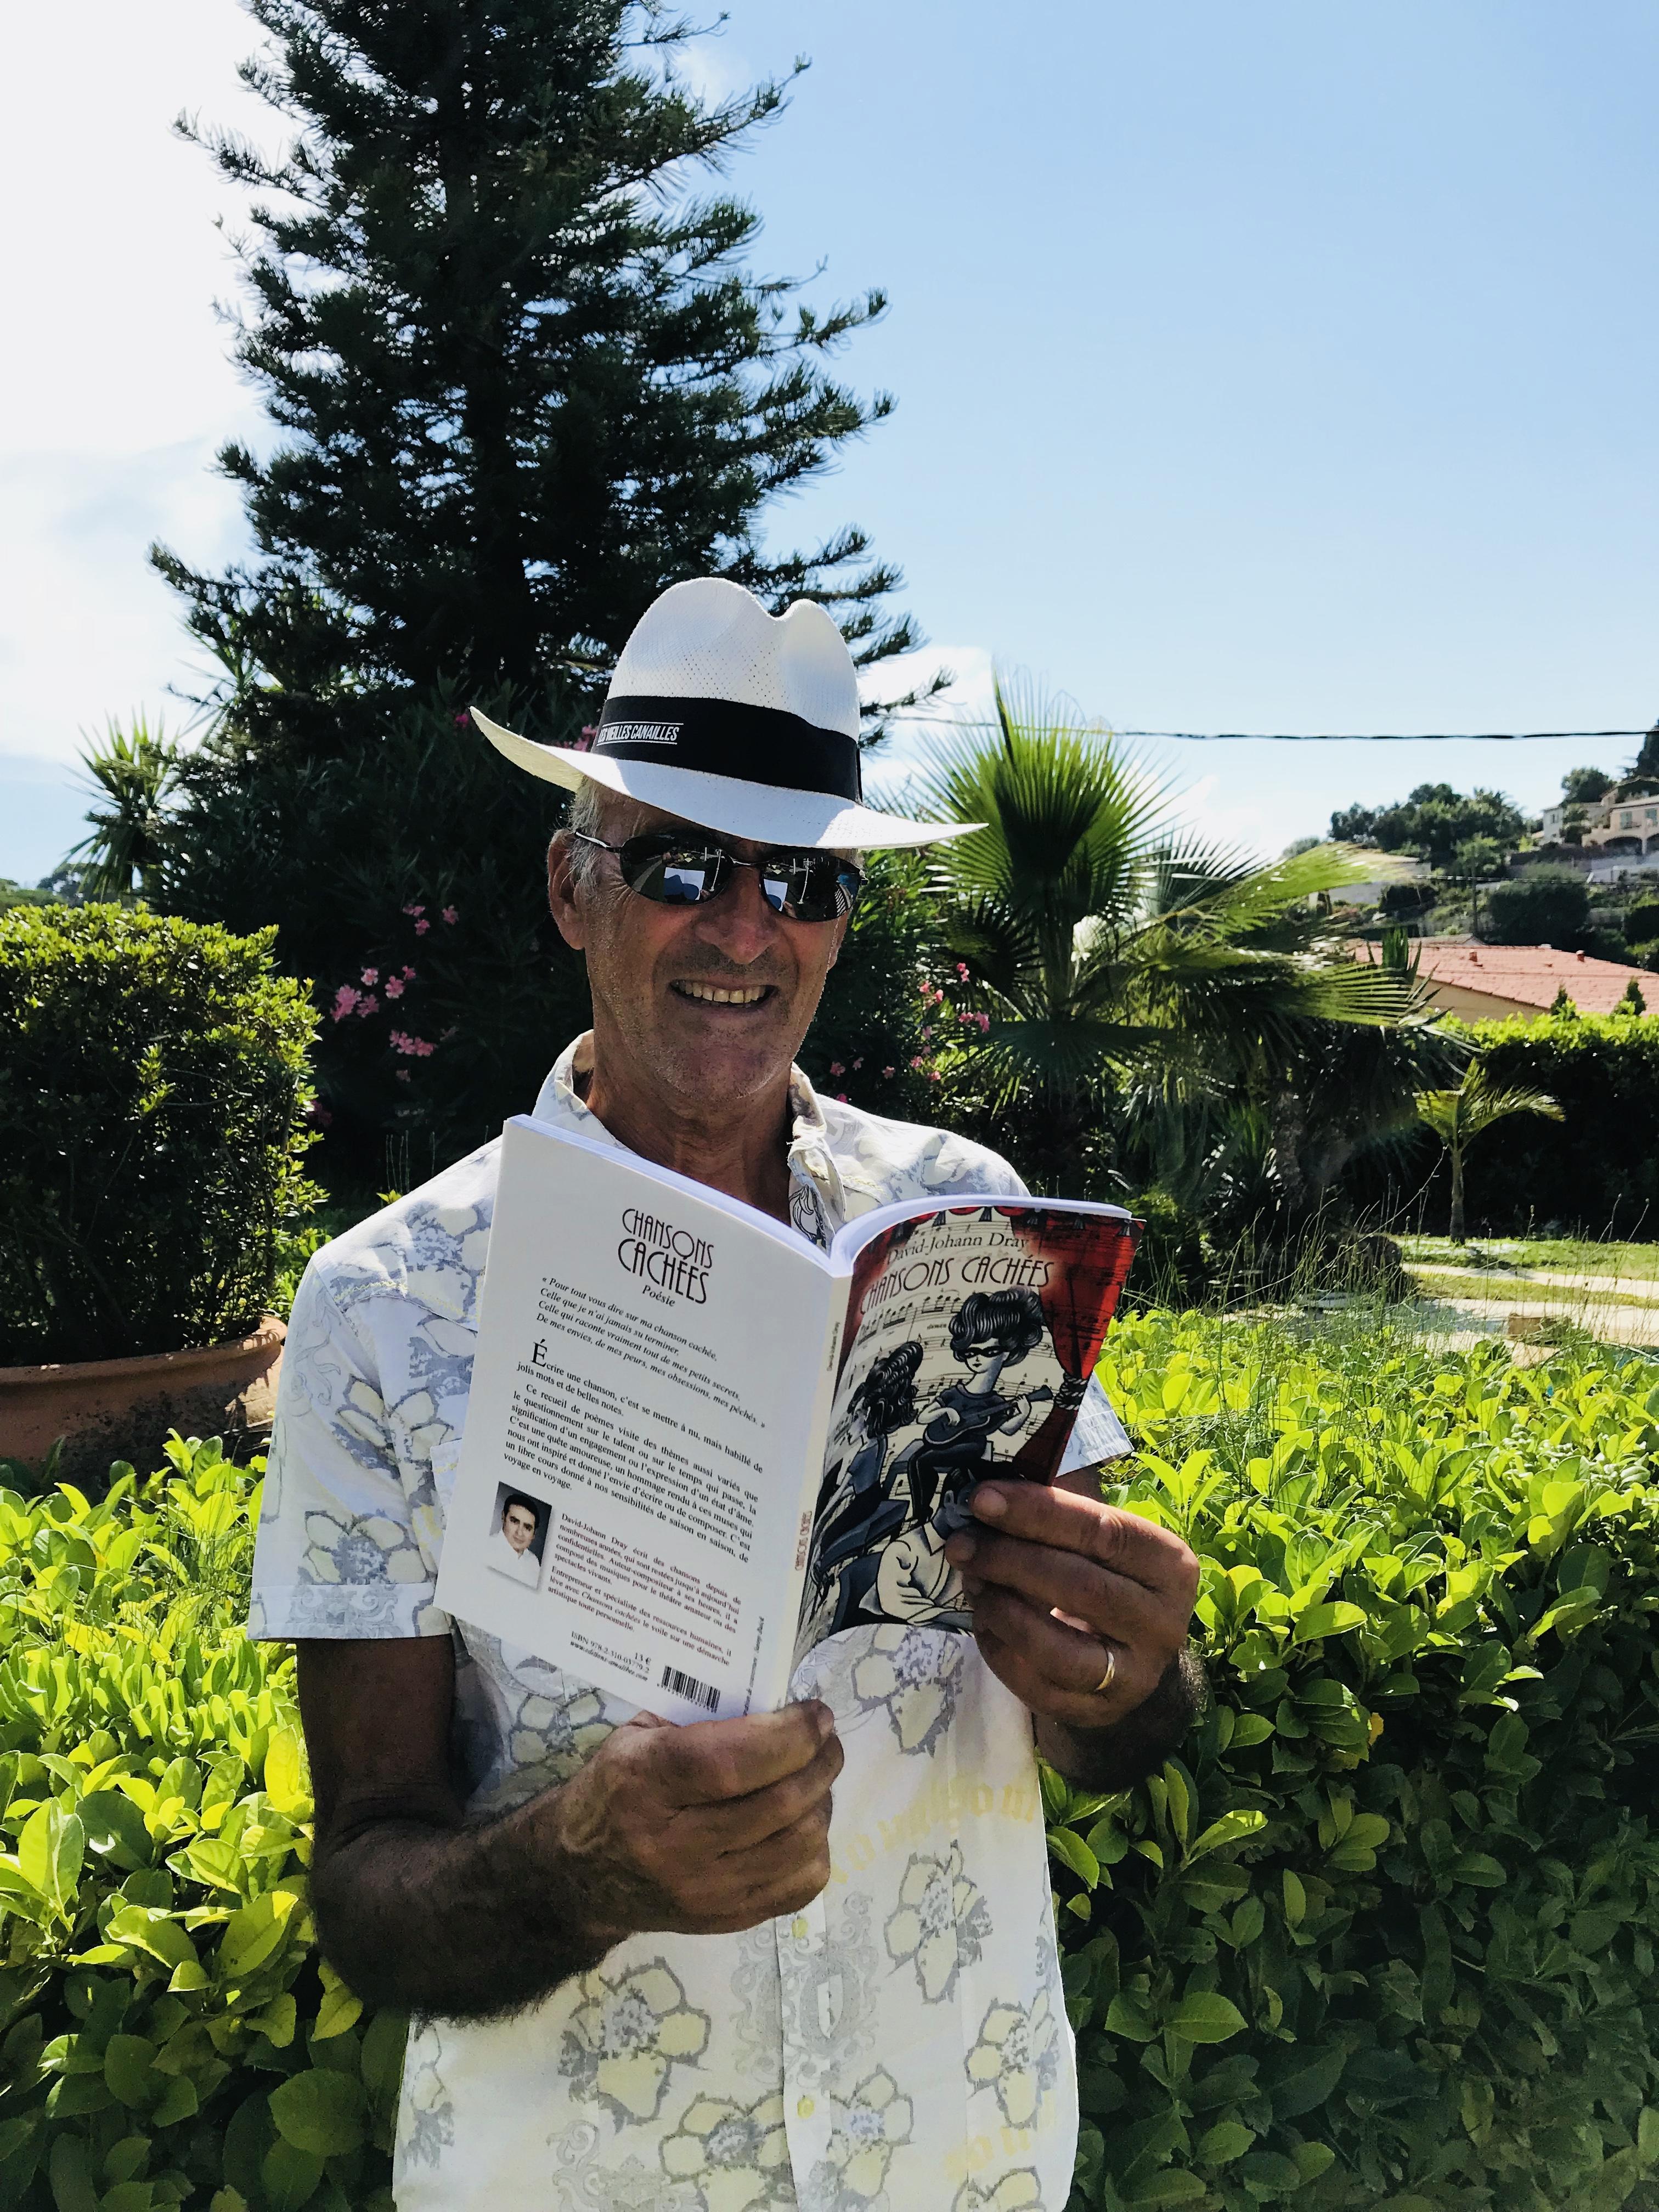 De la poésie pour une Vieille Canaille à Super Cannes ...